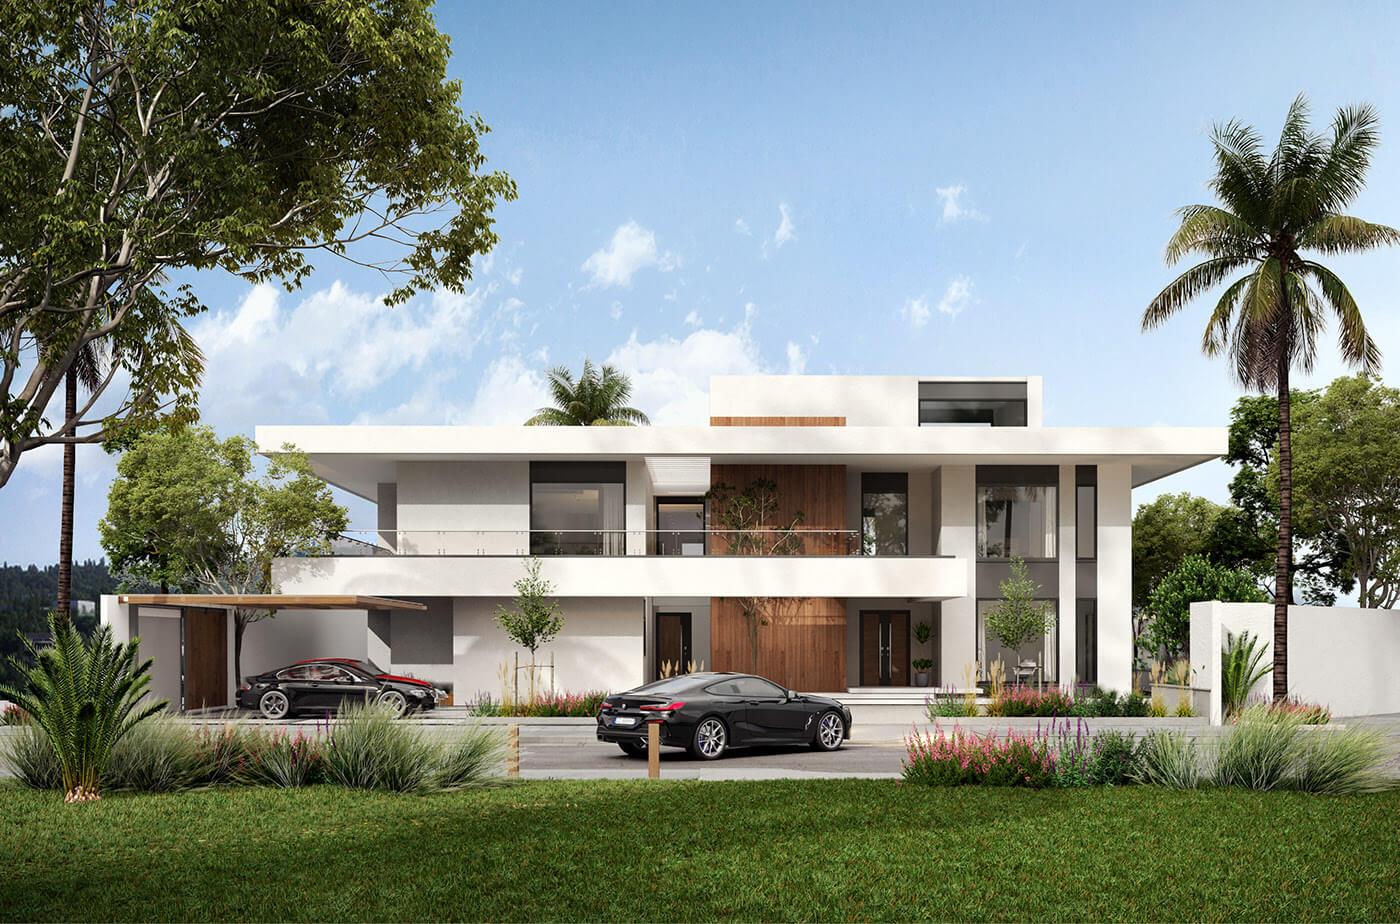 Ngắm nhìn căn nhà biệt thự 2 tầng đẹp hiện đại hình chữ L